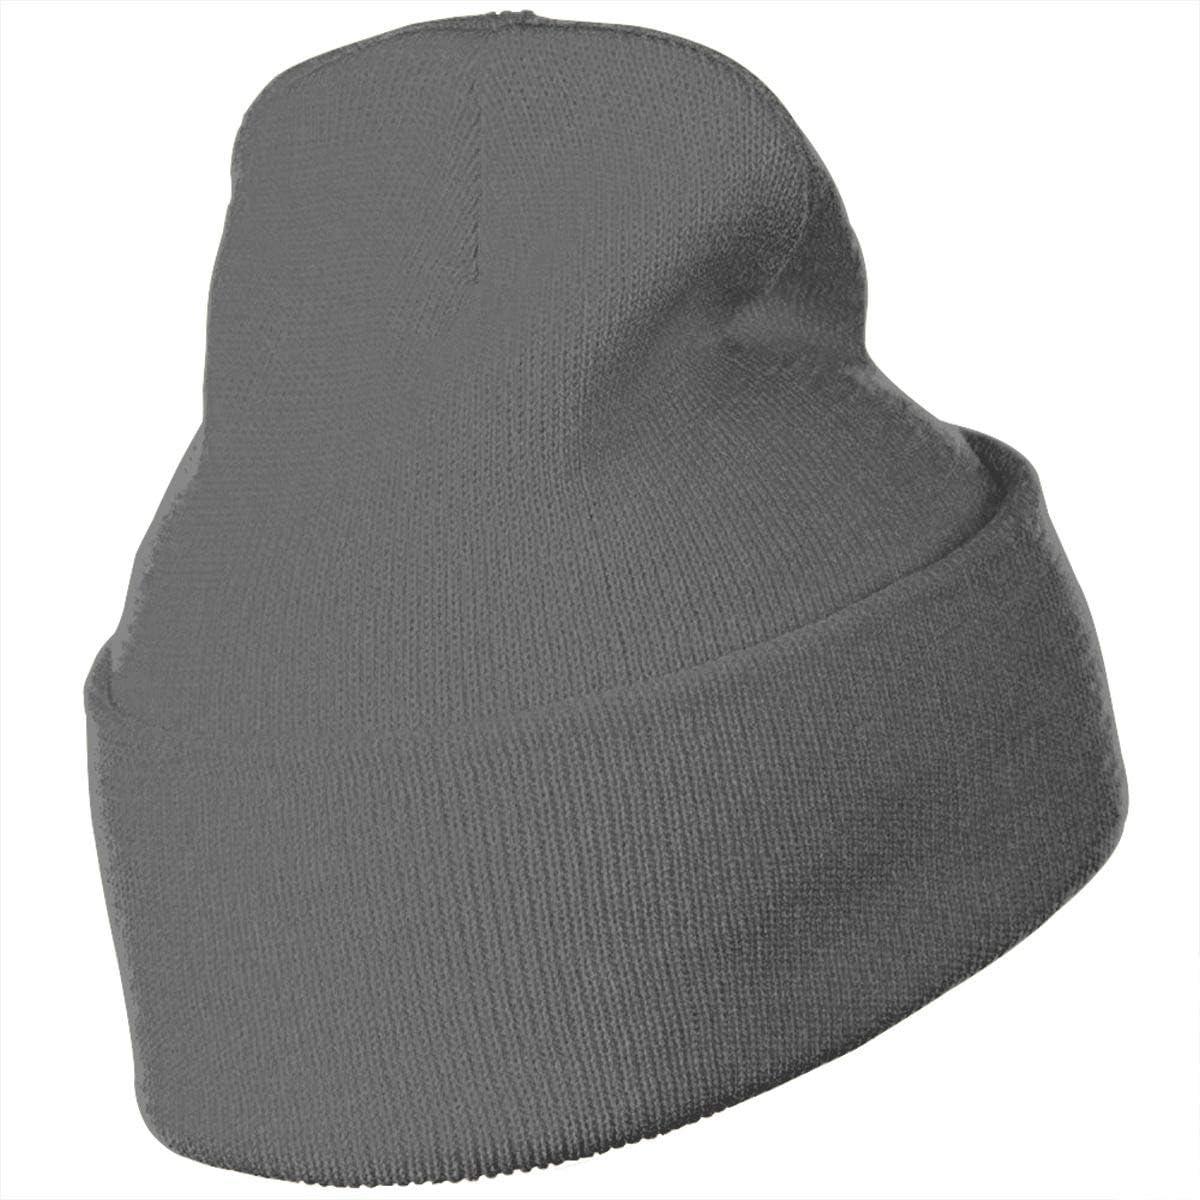 JimHappy Wapen Ossetien Hat for Men and Women Winter Warm Hats Knit Slouchy Thick Skull Cap